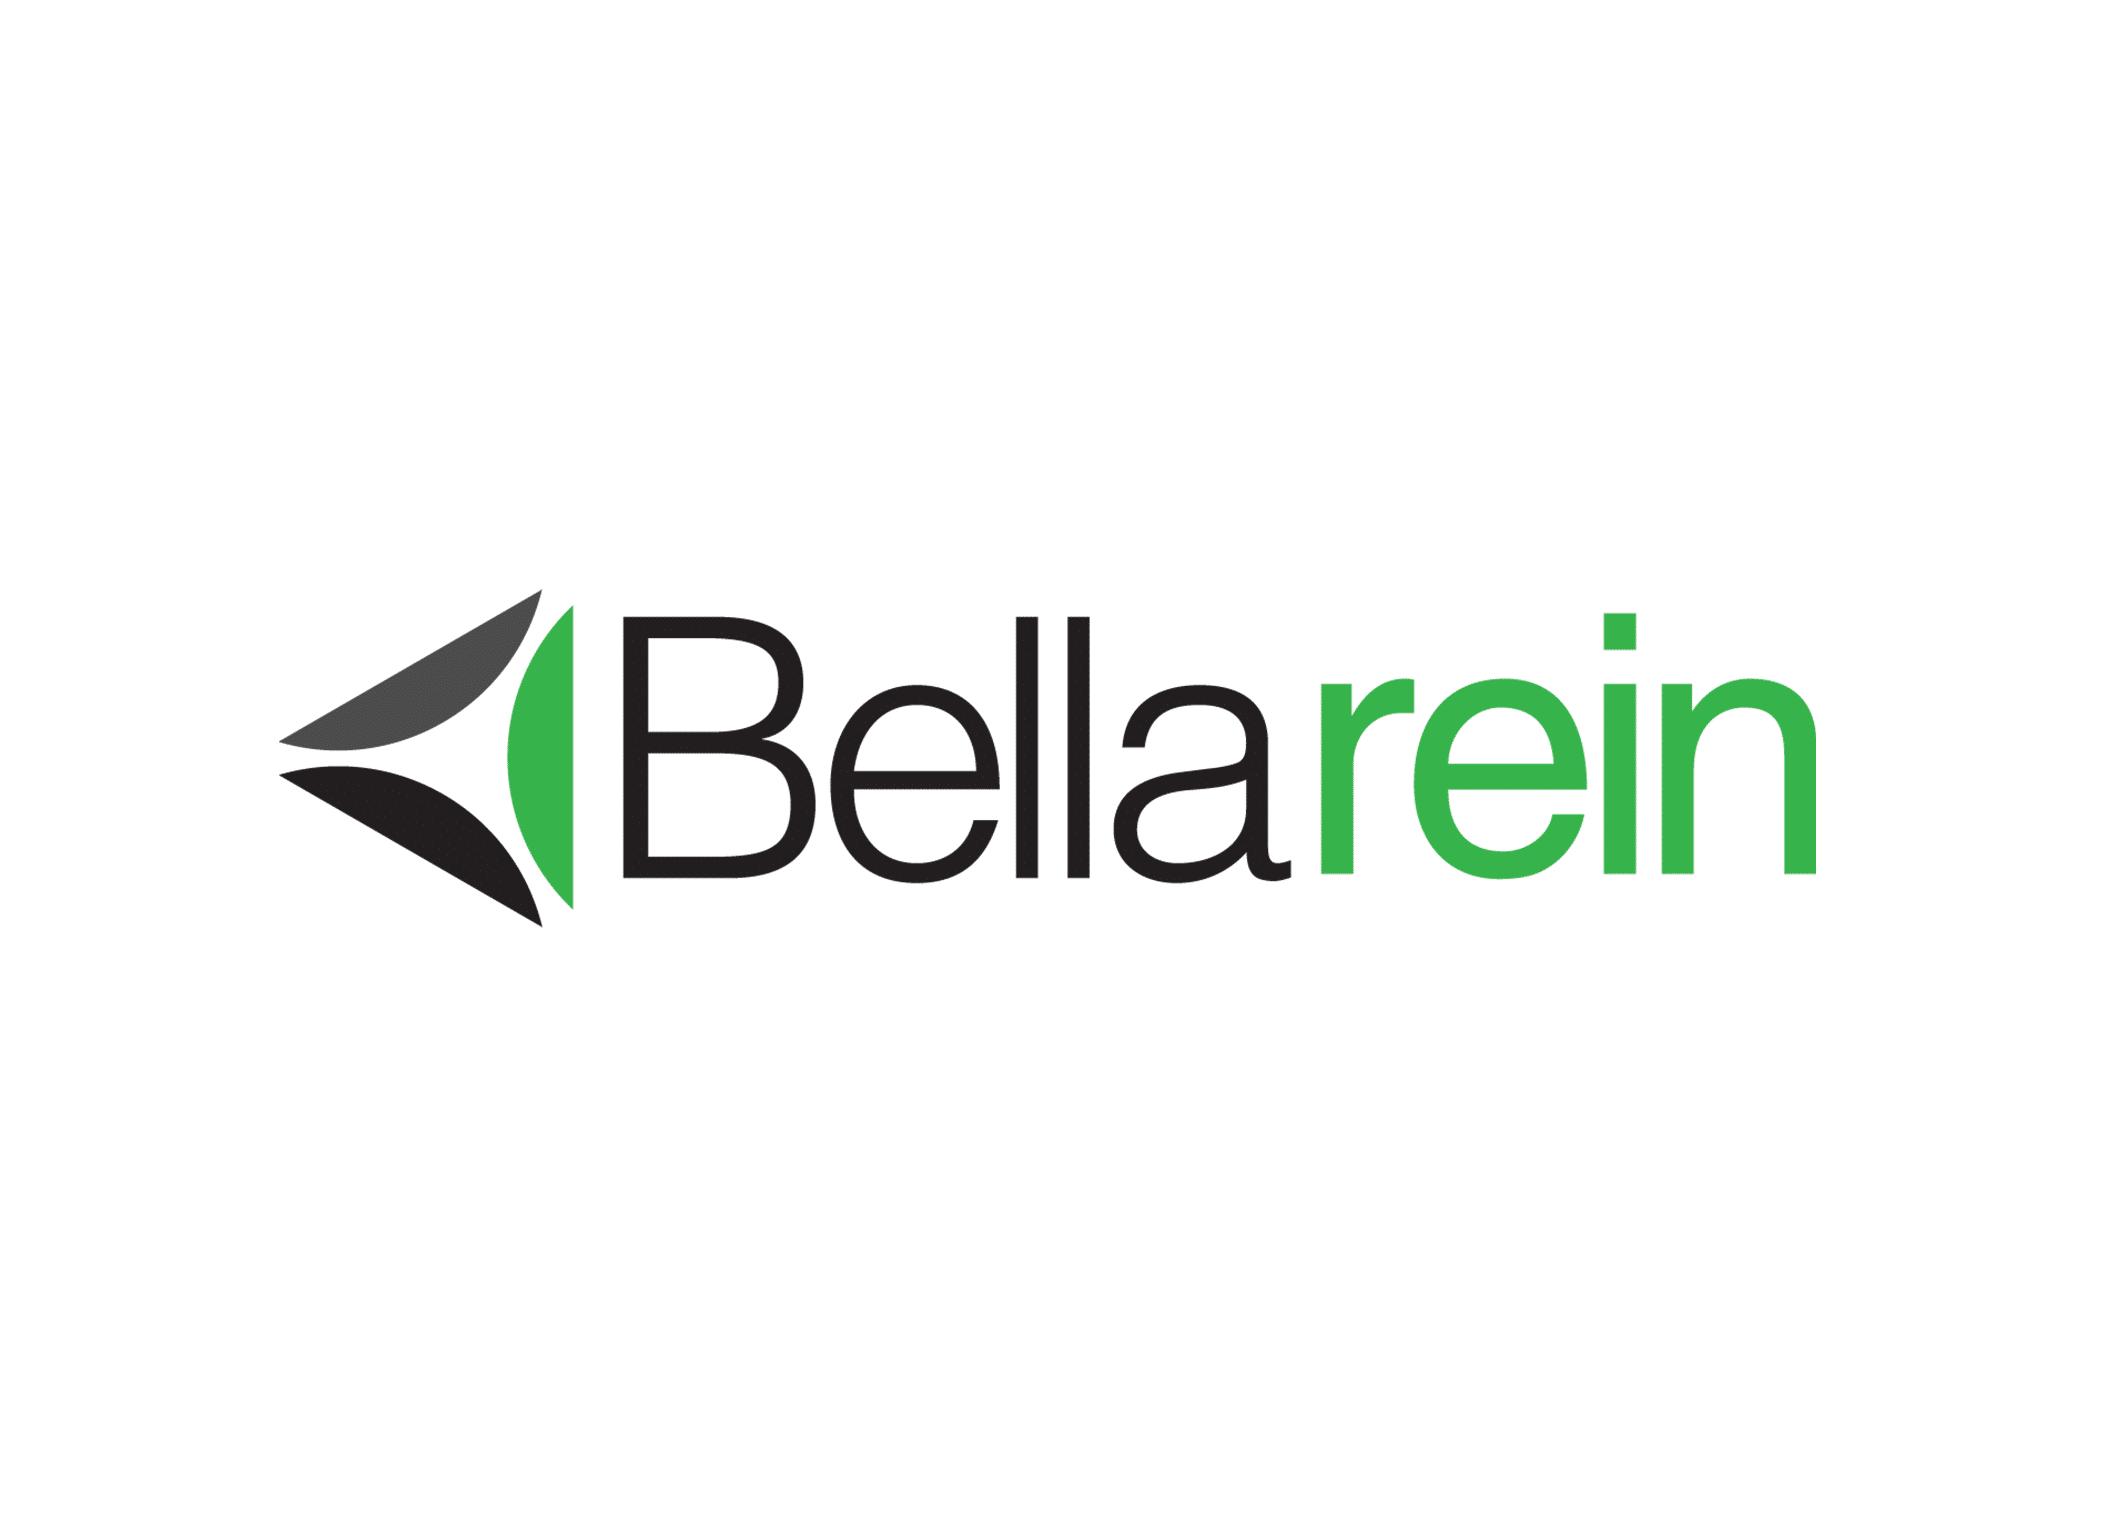 Bellarein